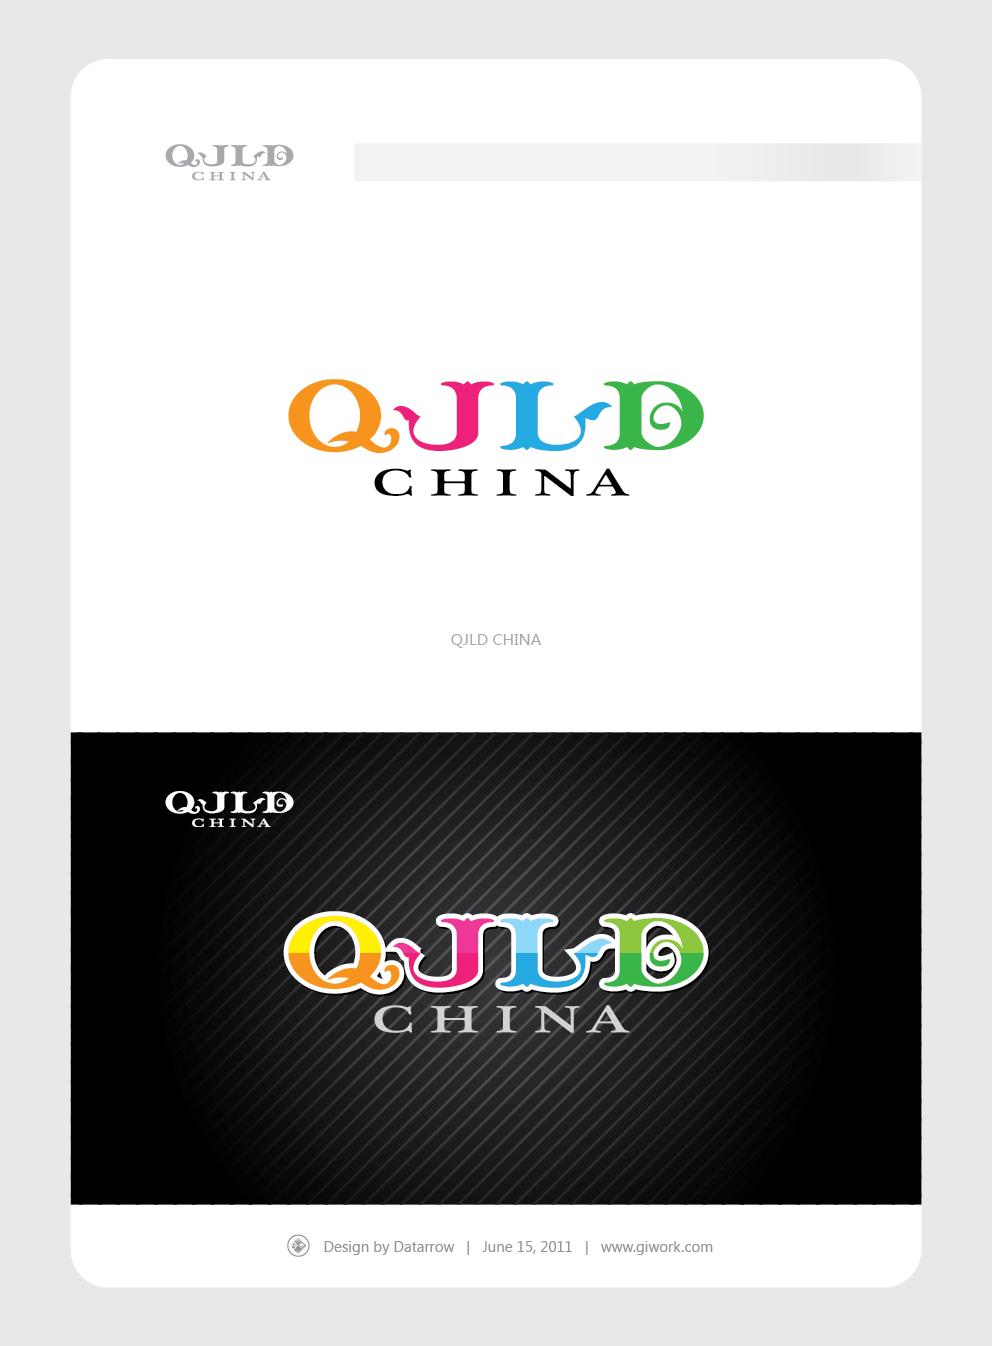 设计 英文/Datarrow QJLD CHINA 英文艺术字